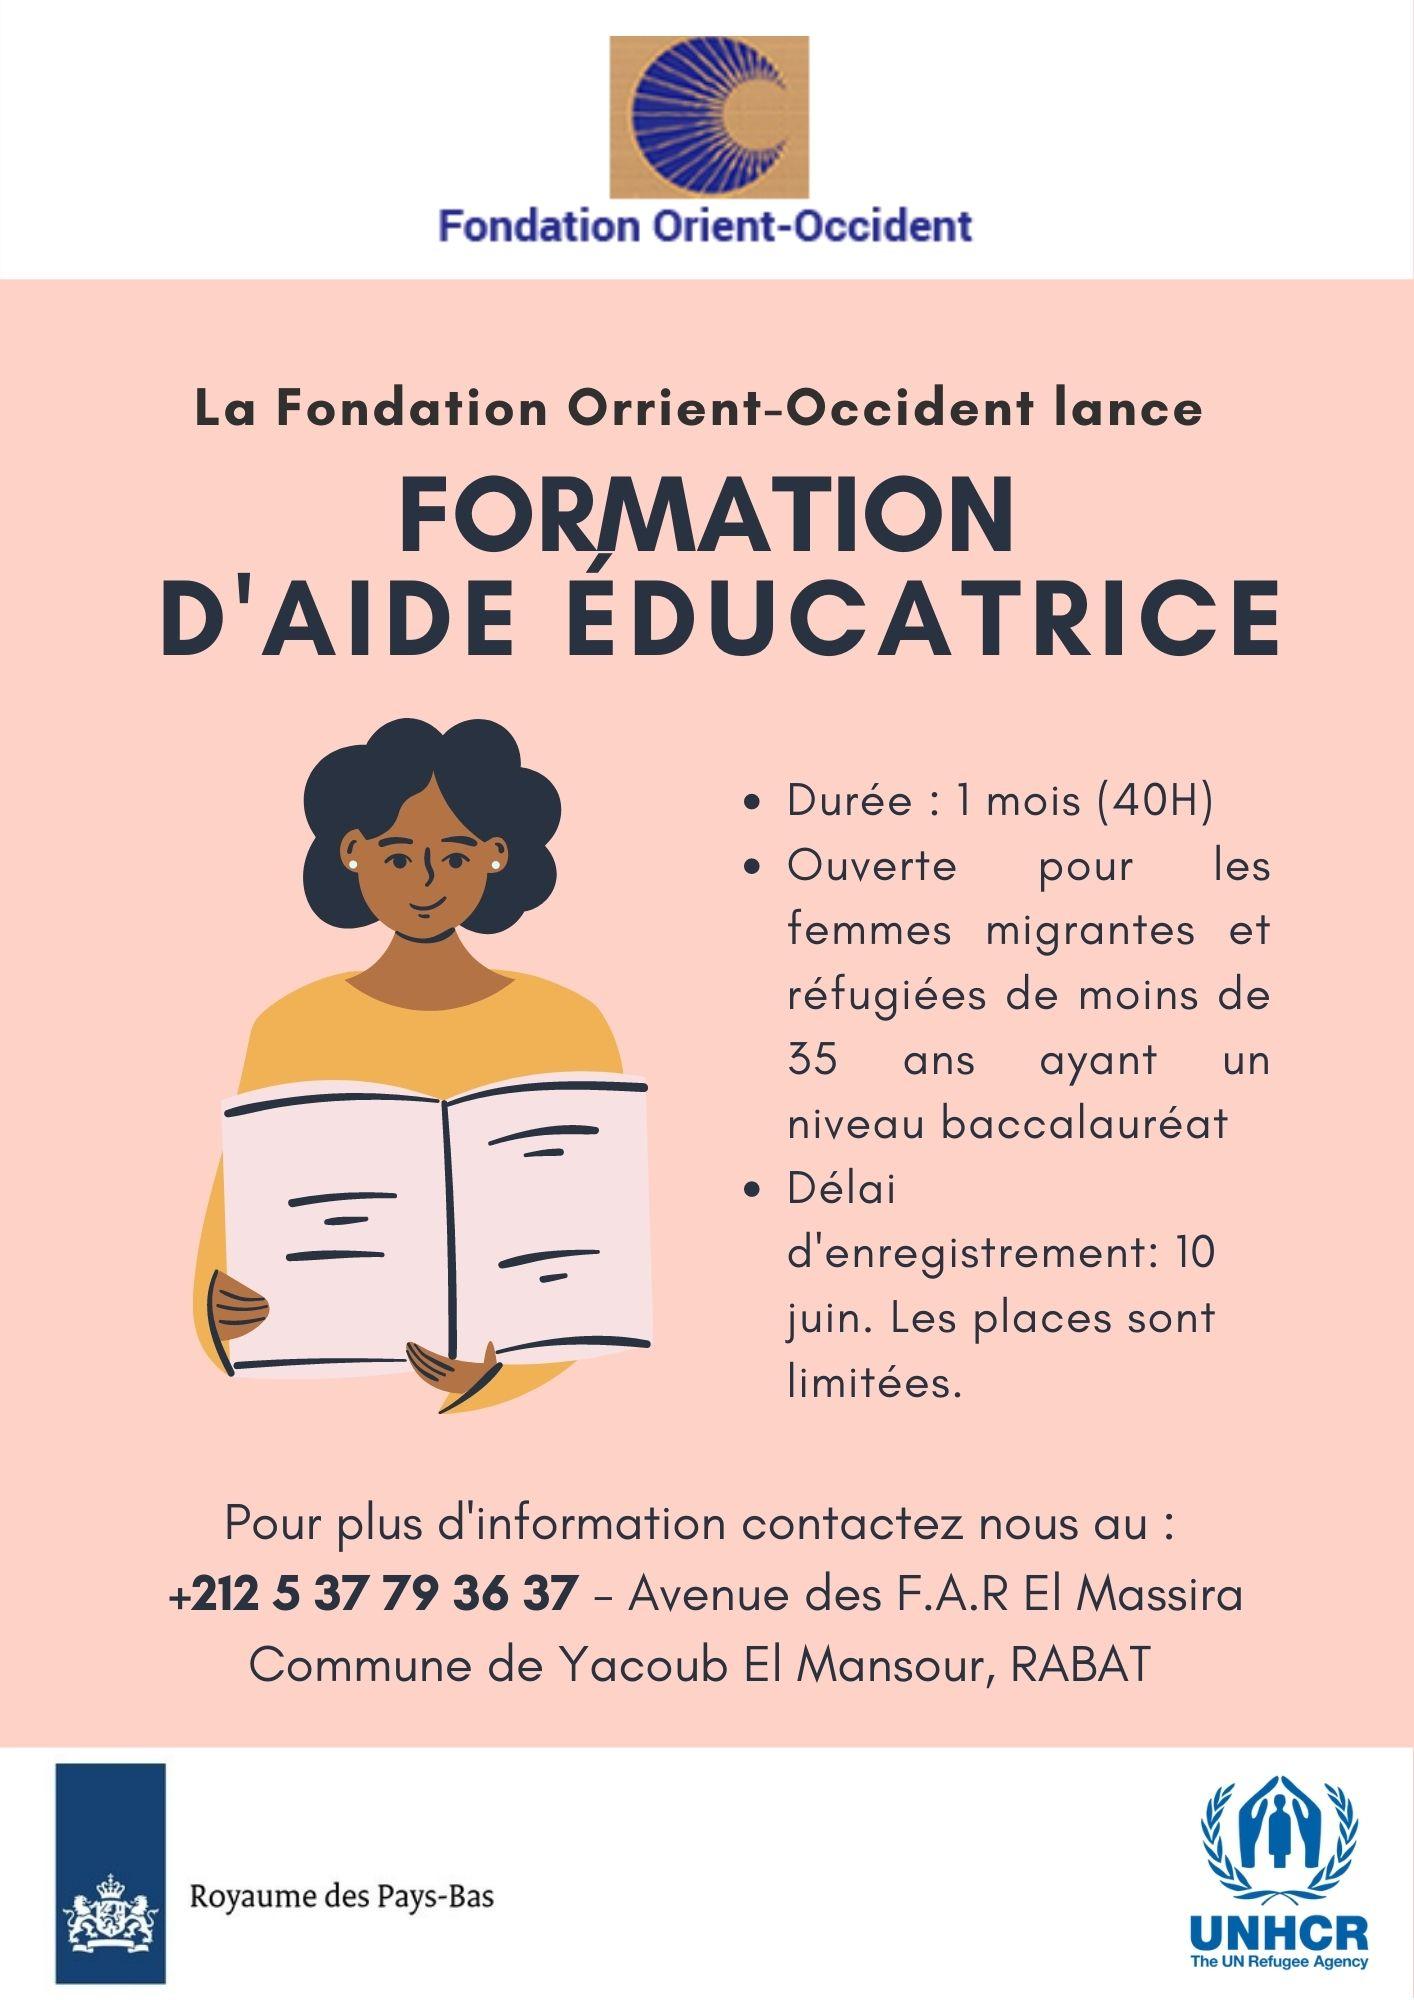 Nouvelle formation d'aide-éducatrice à la Fondation Orient-Occident de Rabat